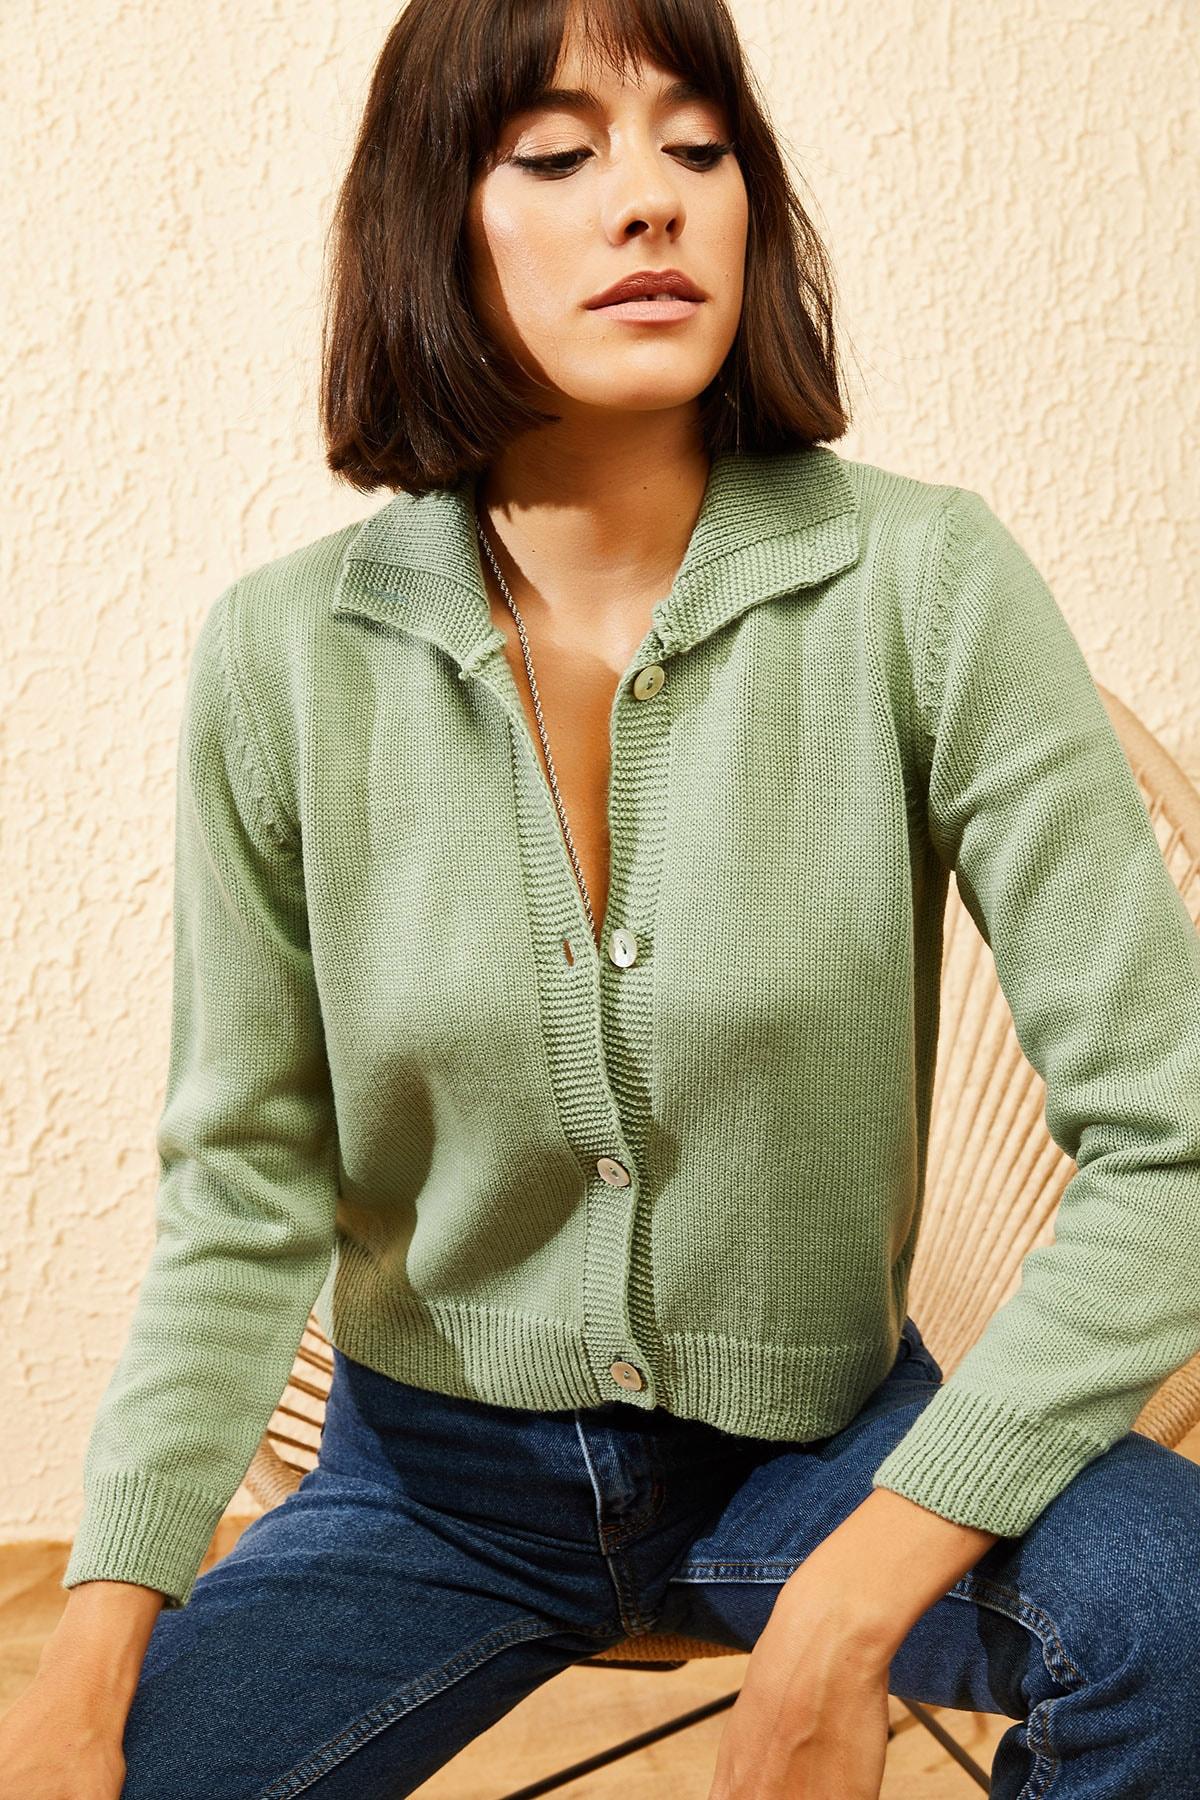 Bianco Lucci Kadın Çağla Yeşili Balıkçı Yaka Düğmeli Fitilli Hırka 10121003 1